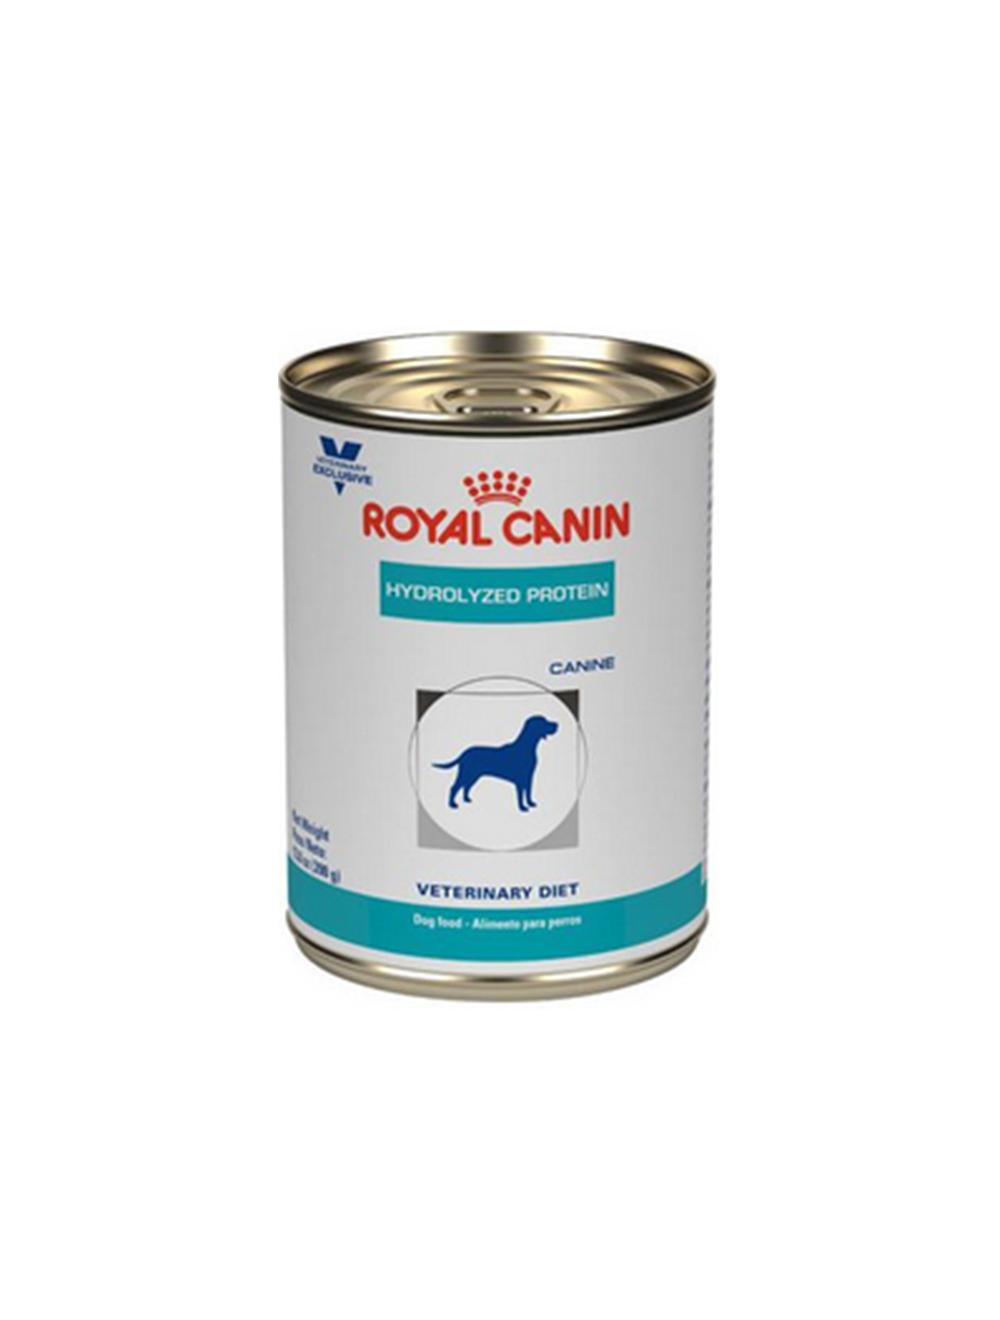 Royal Canin Dog Lata Hydrolized Protein x 385g